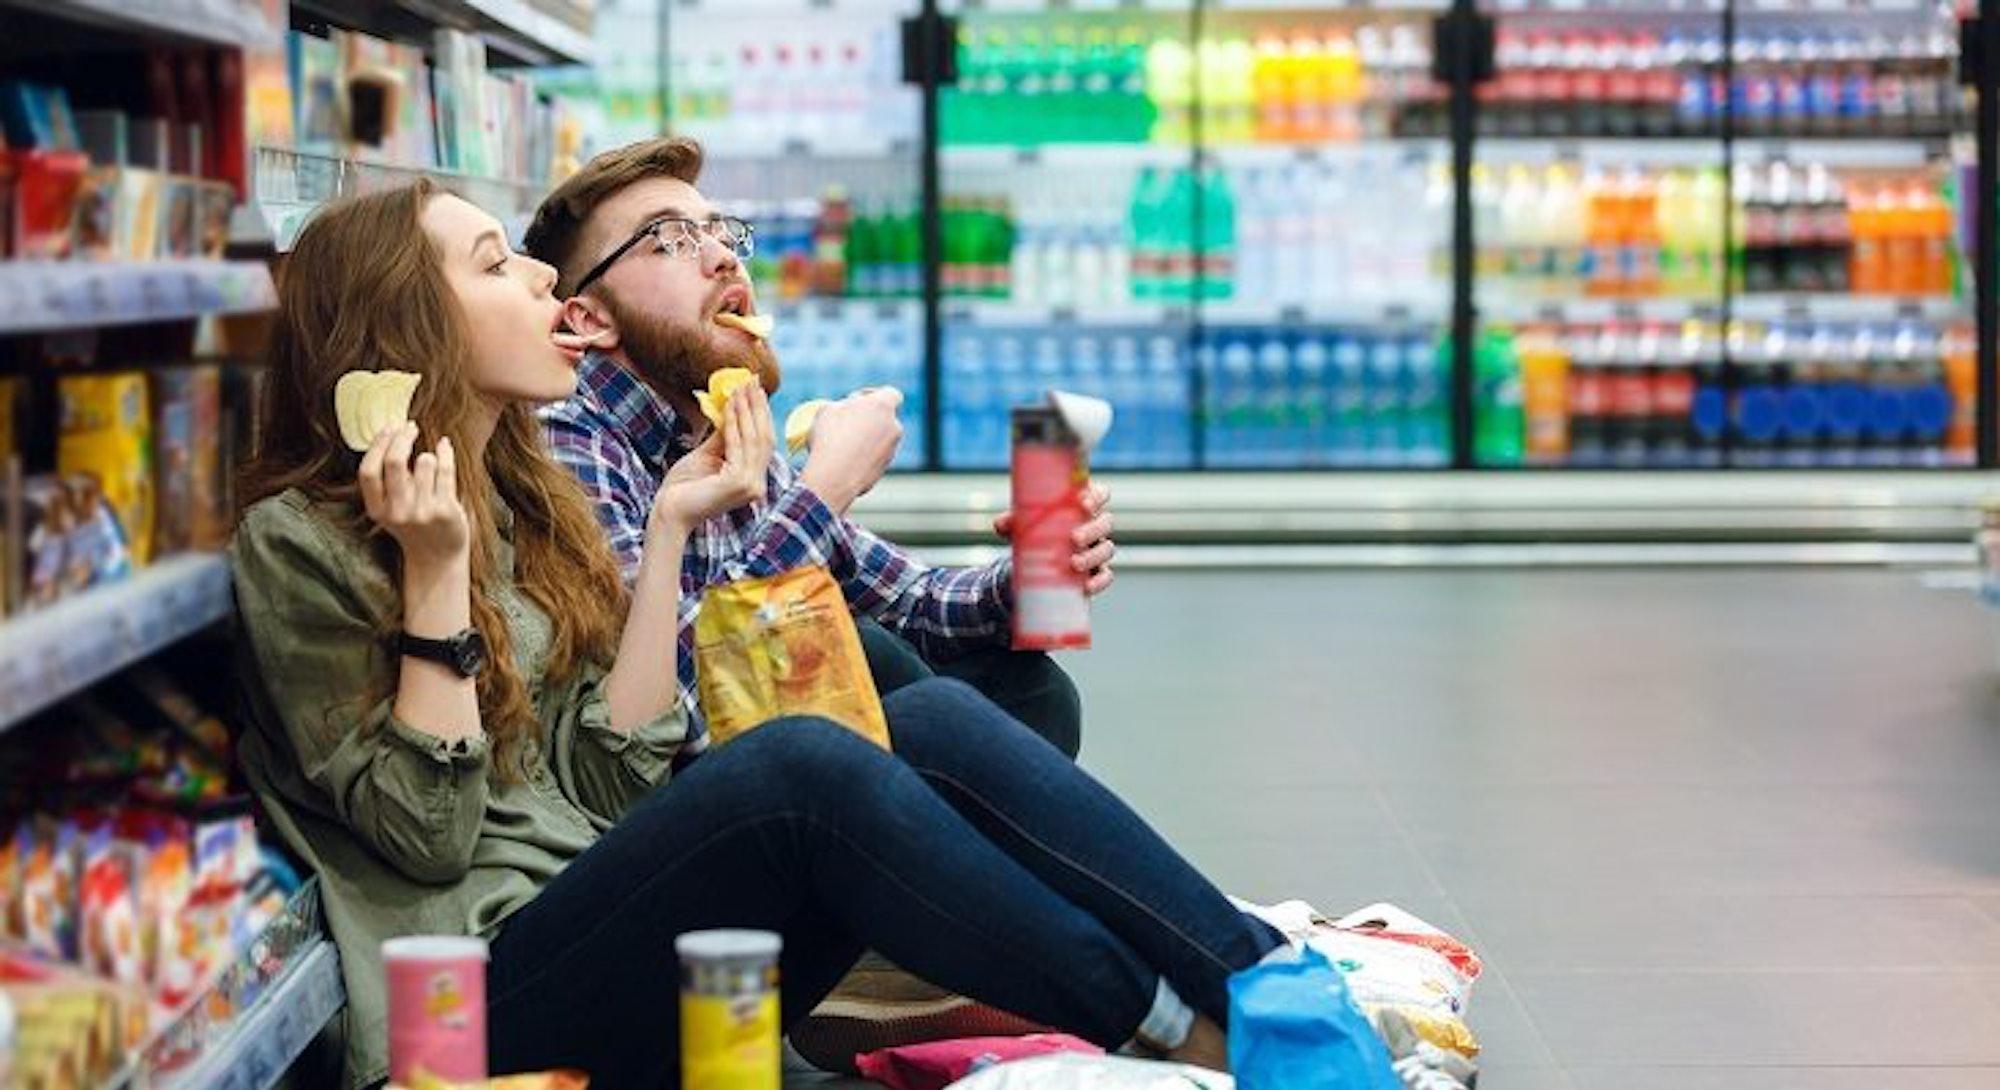 people eating junk food